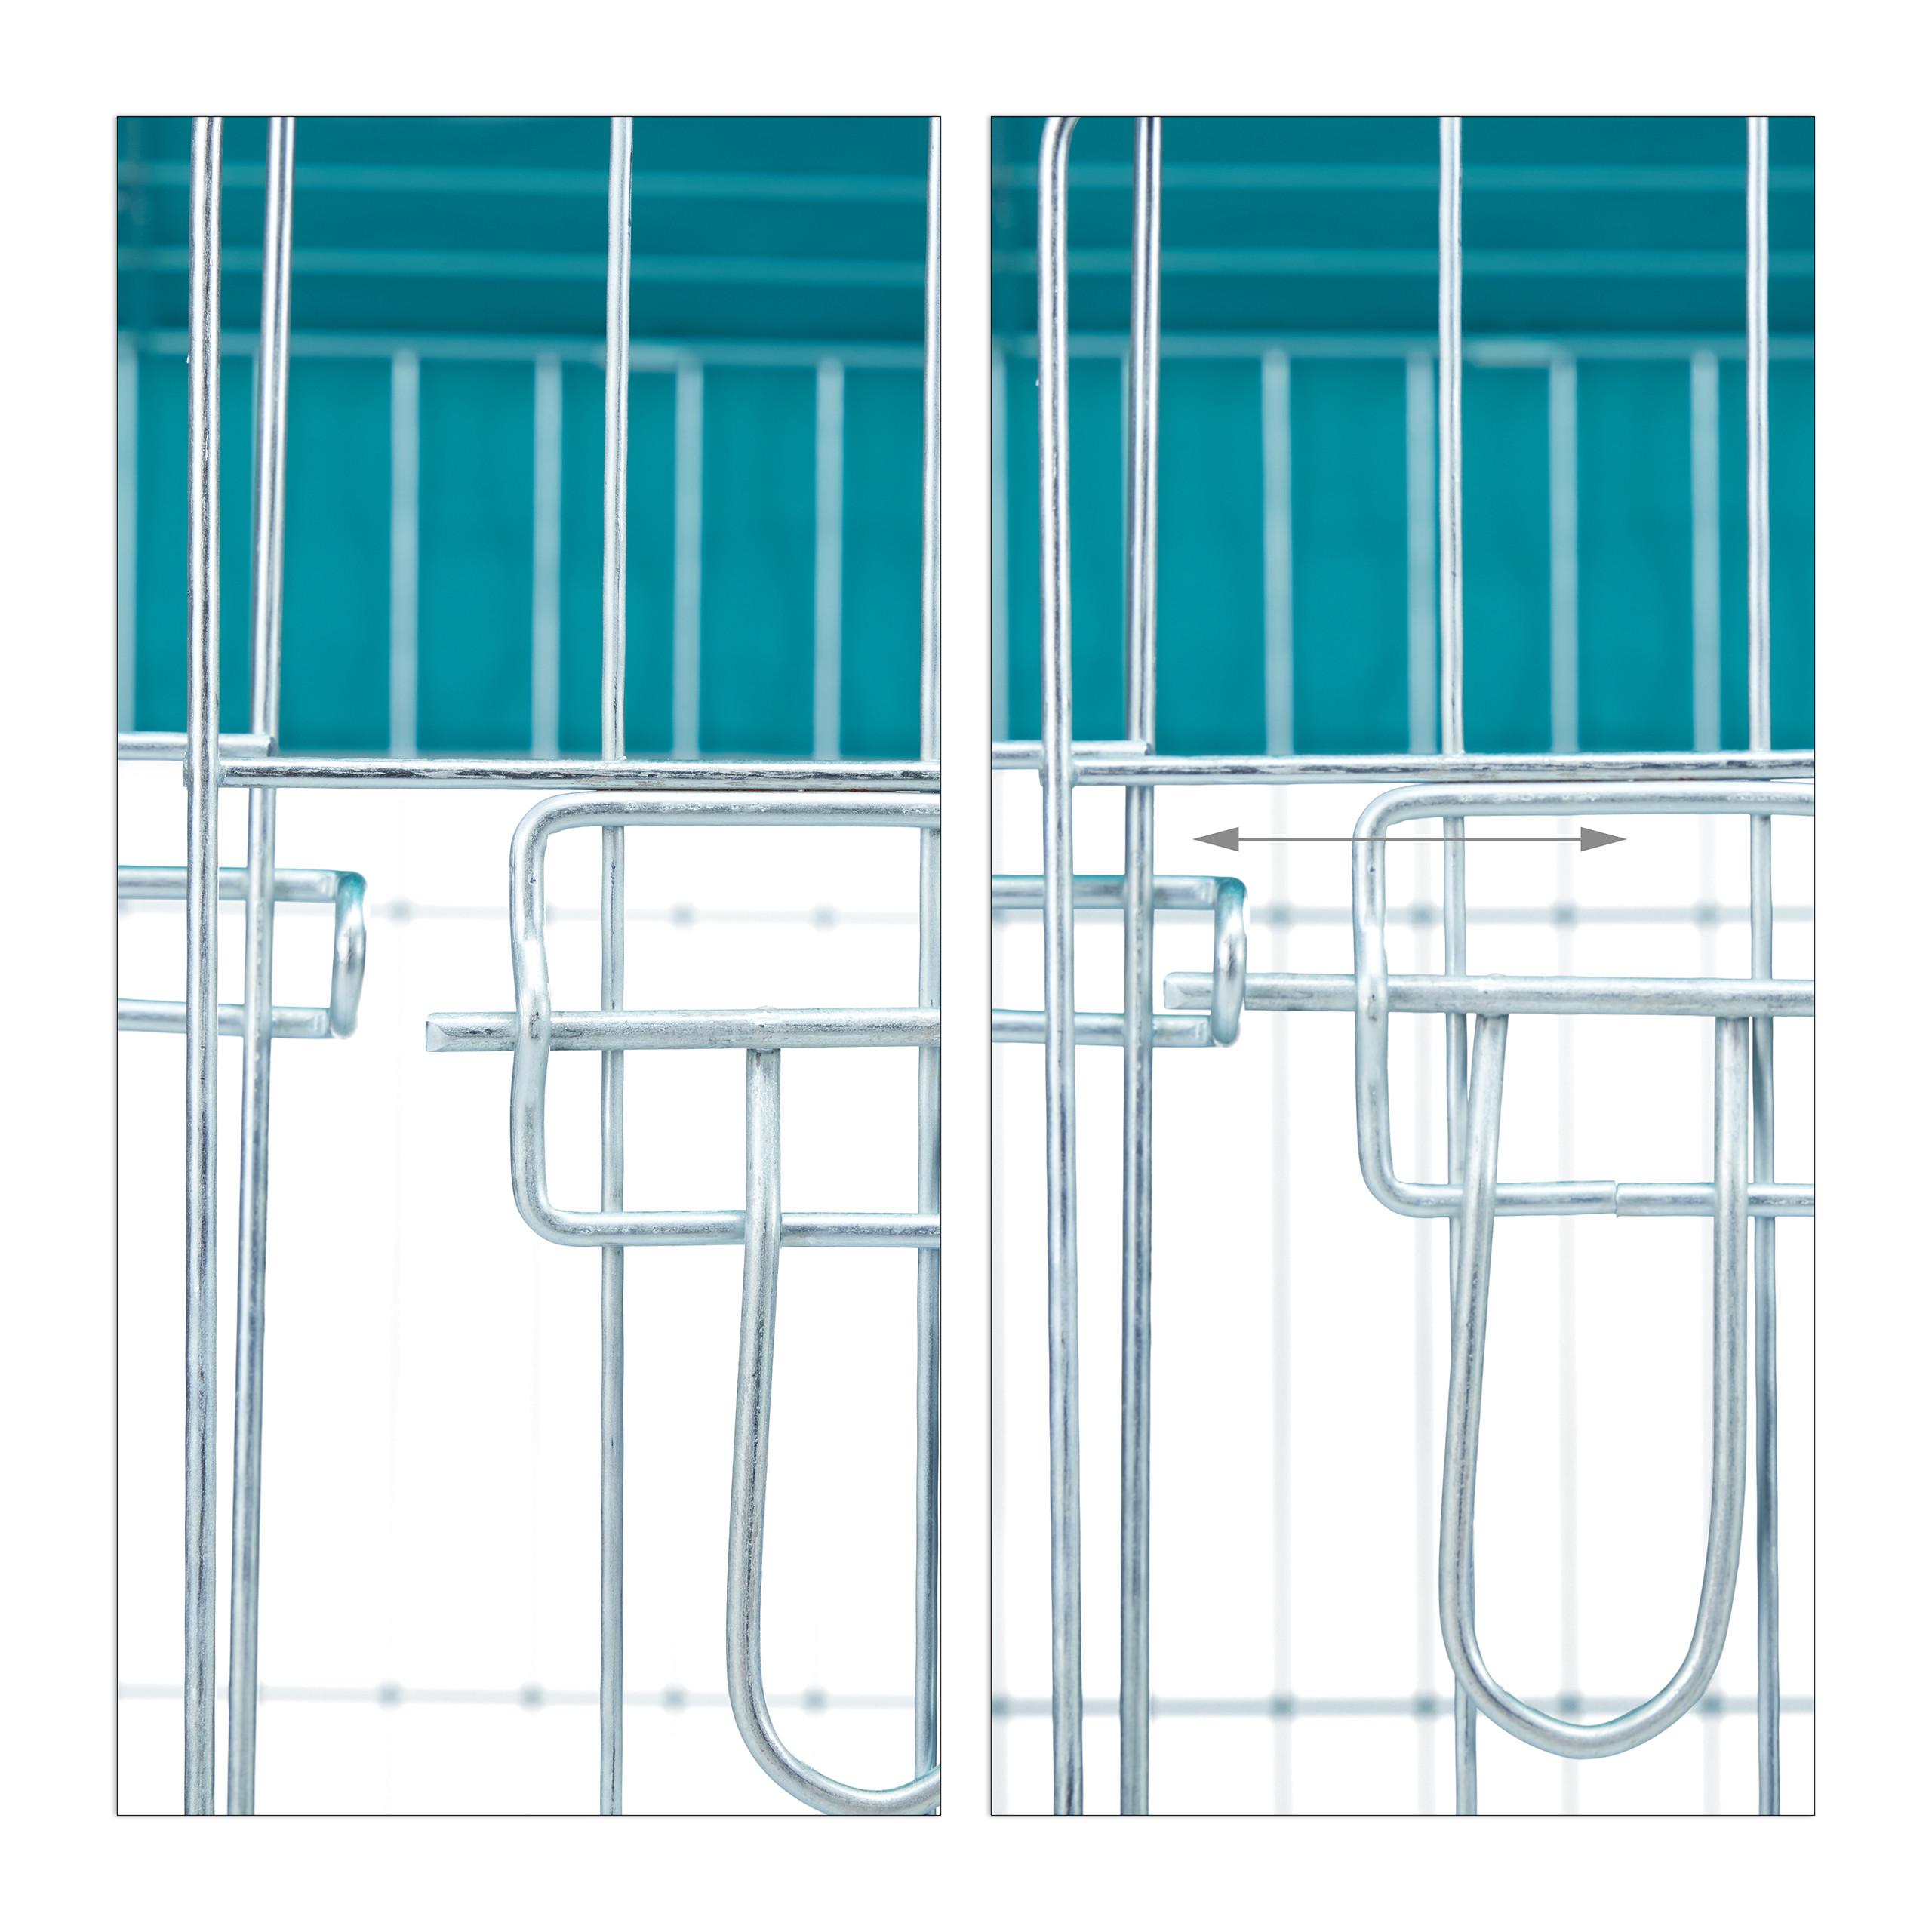 Freilaufgehege-Kaninchen-Huhner-Freigehege-Hasengehege-Huhnerauslauf-220cm-Stahl miniatuur 16